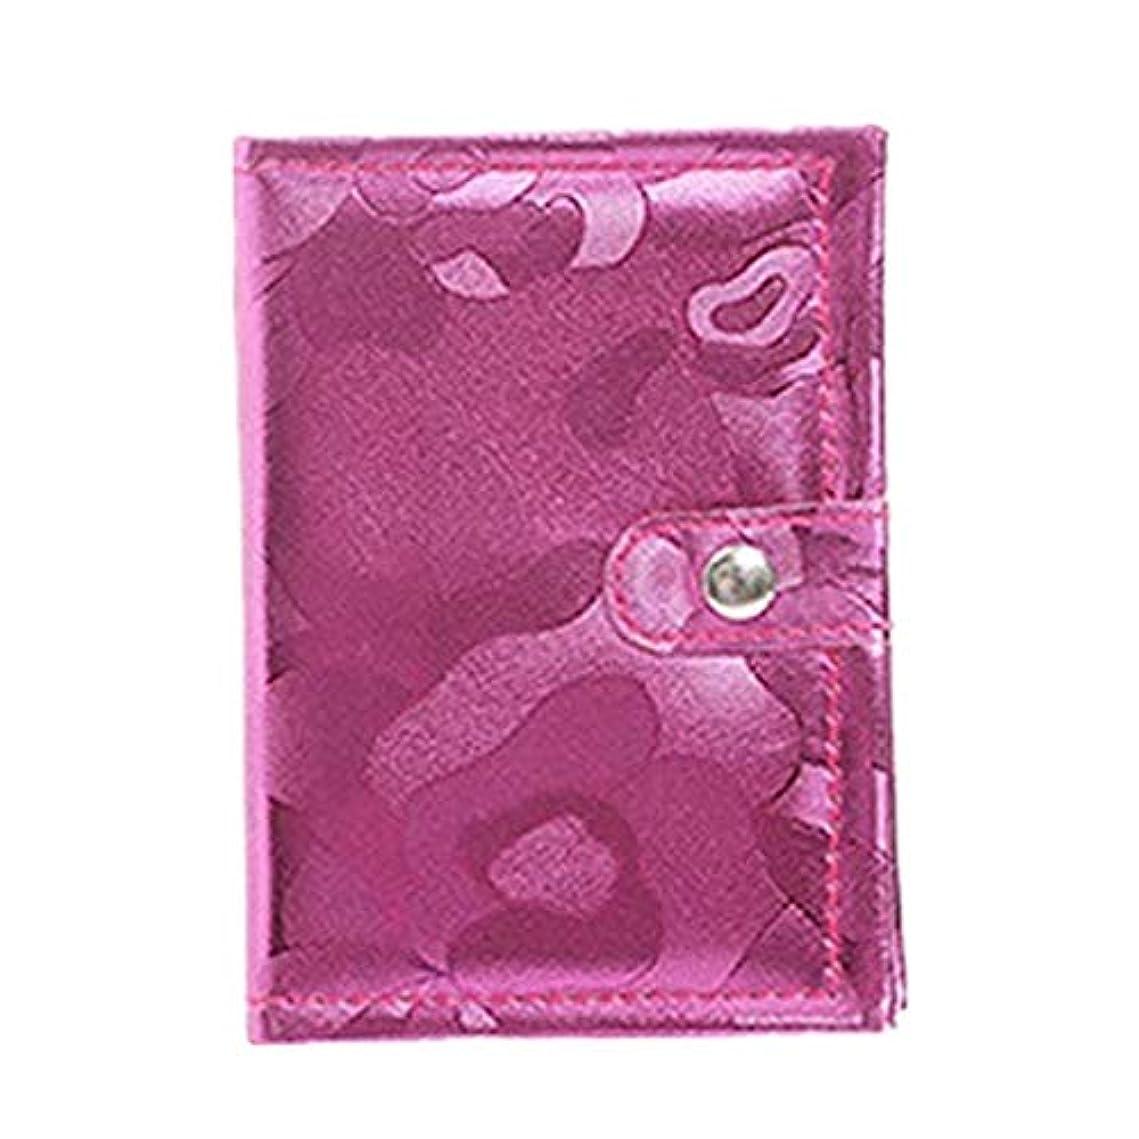 小競り合いサスペンションゲージ32色のアイシャドウダイヤモンドアイシャドウパールアイシャドウアイシャドウディスクの美容製品を非ドレッシングスティング